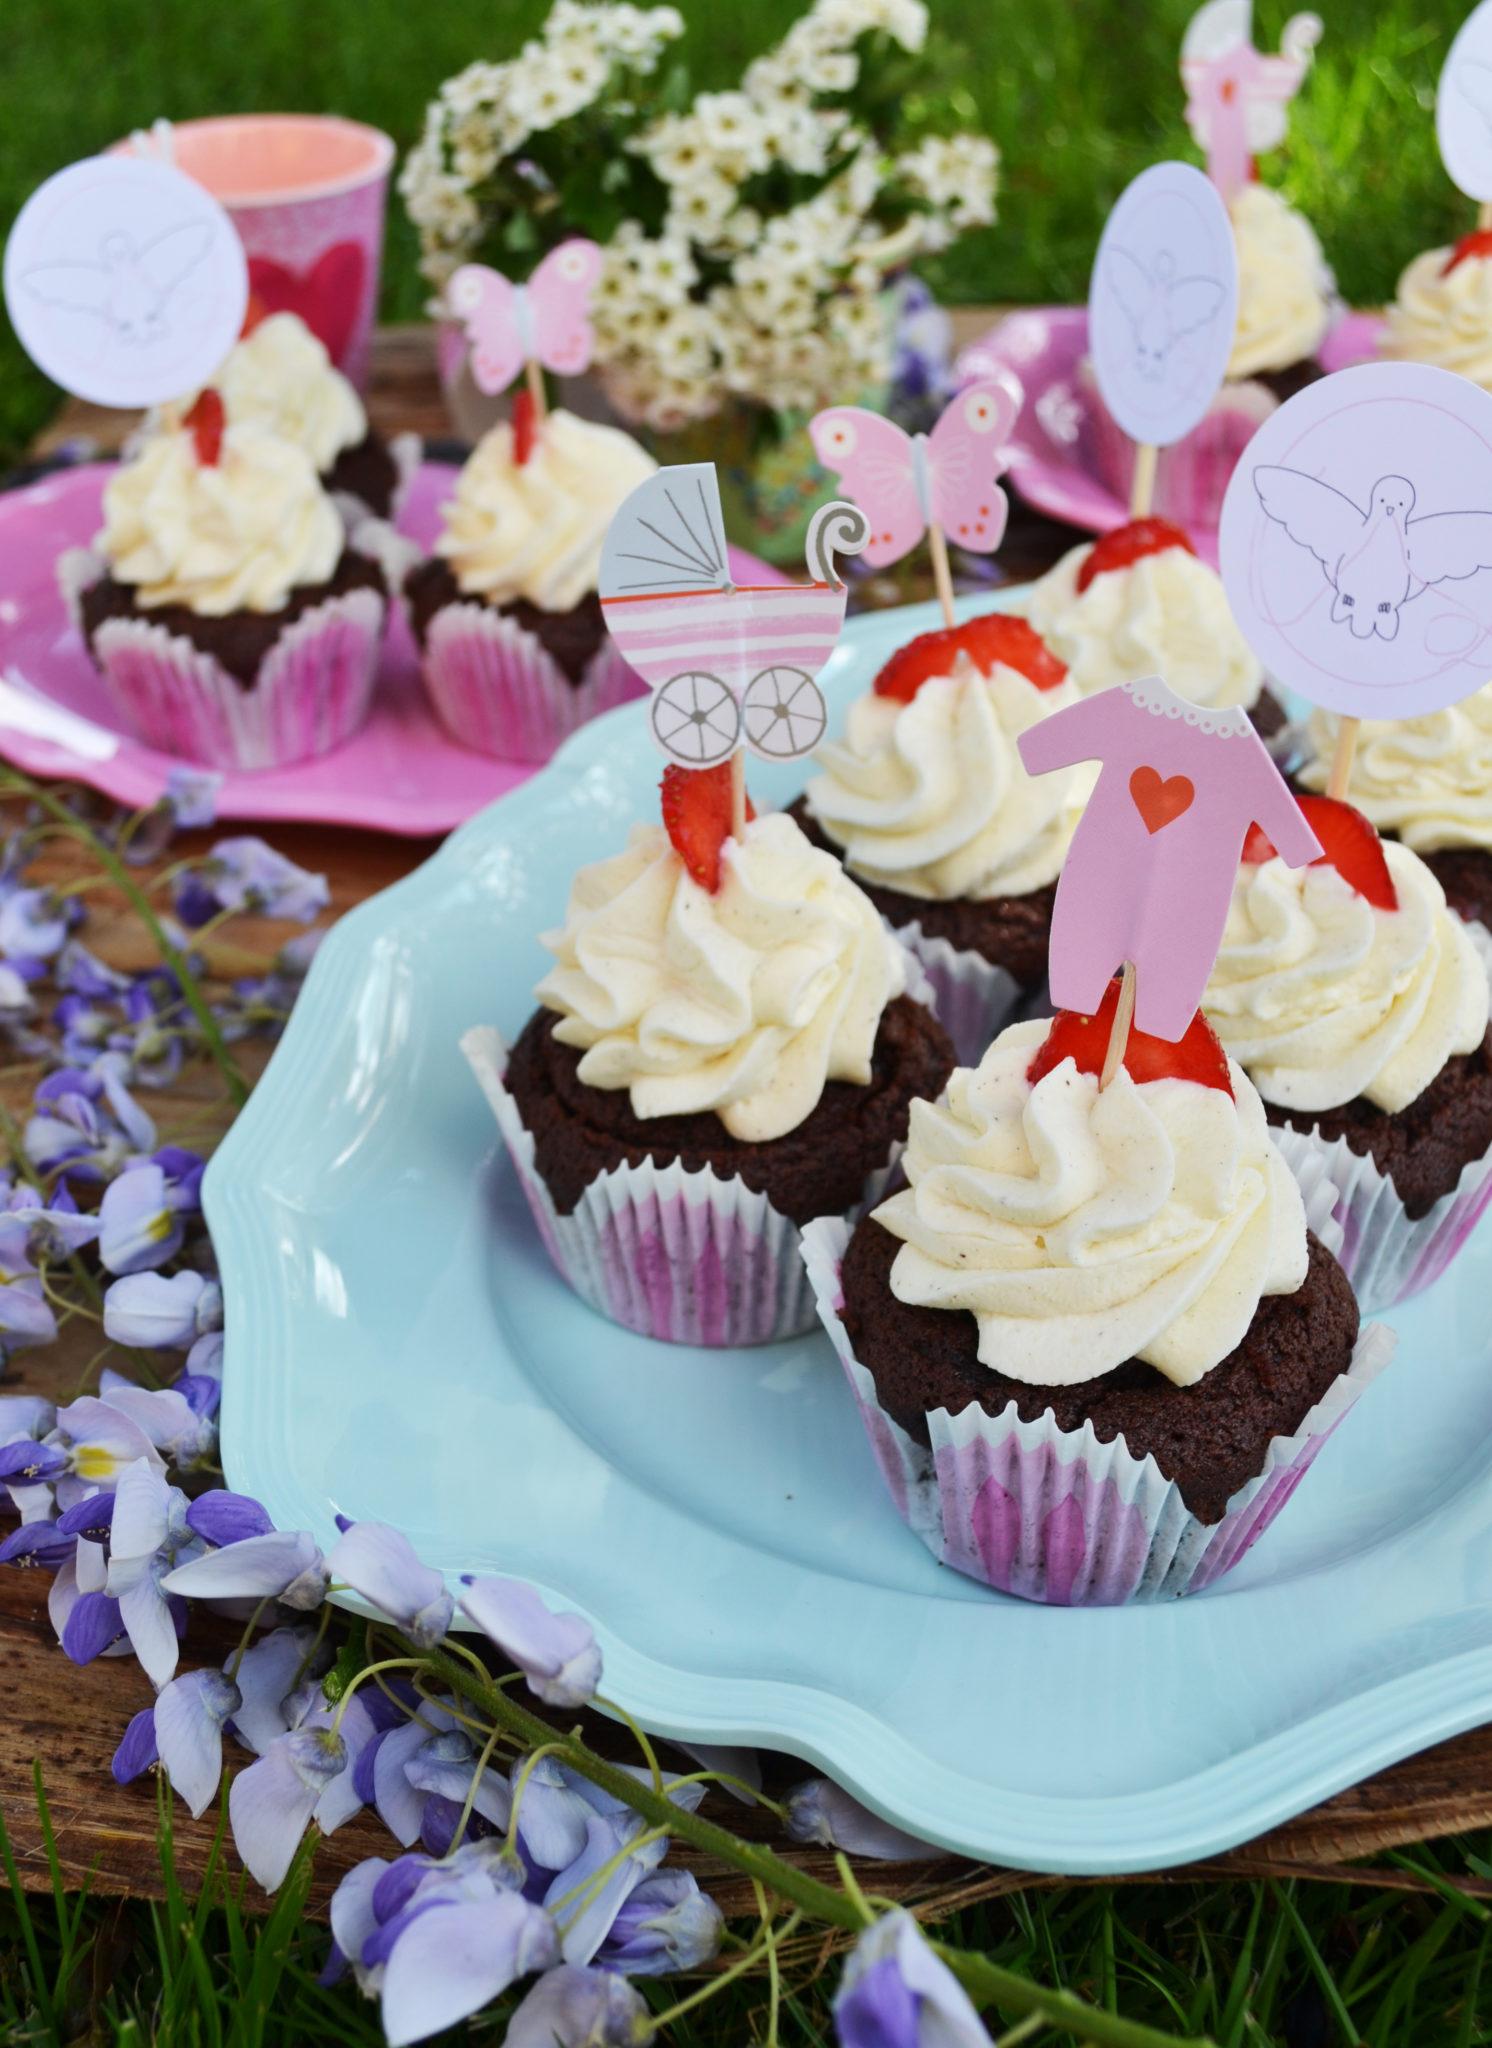 Süße Liebe! Gefüllte Erdbeer-Schoko-Cupcakes mit Frischkäse-Topping